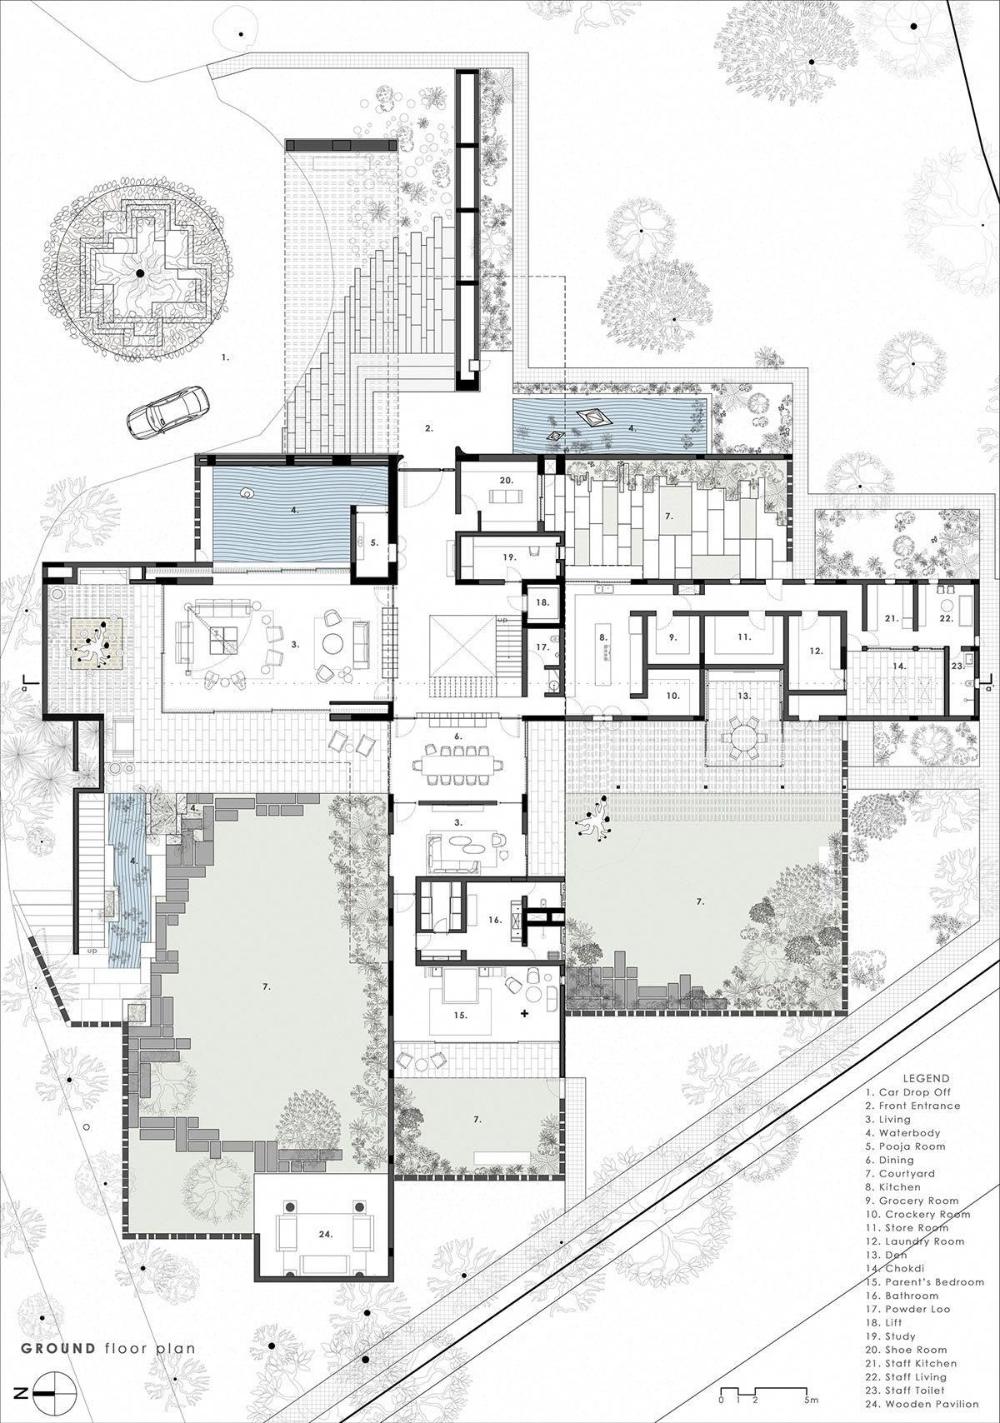 Floor Plan Home Design App Getpic In 2020 Architectural Floor Plans Home Design Floor Plans Floor Plan Design